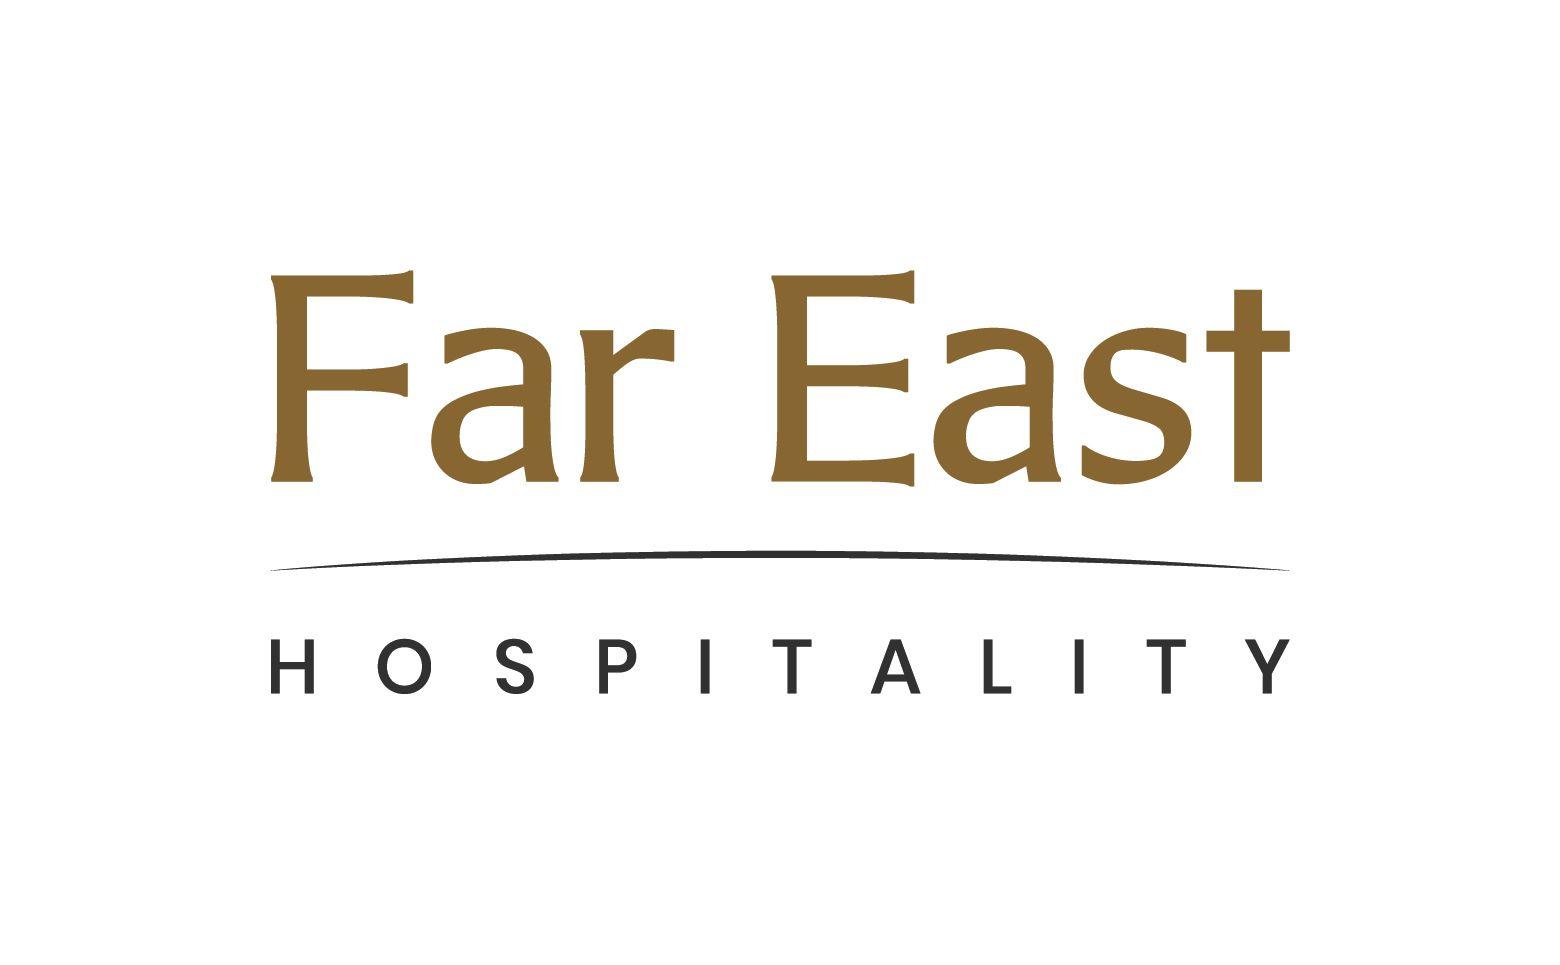 Far East Hospitality